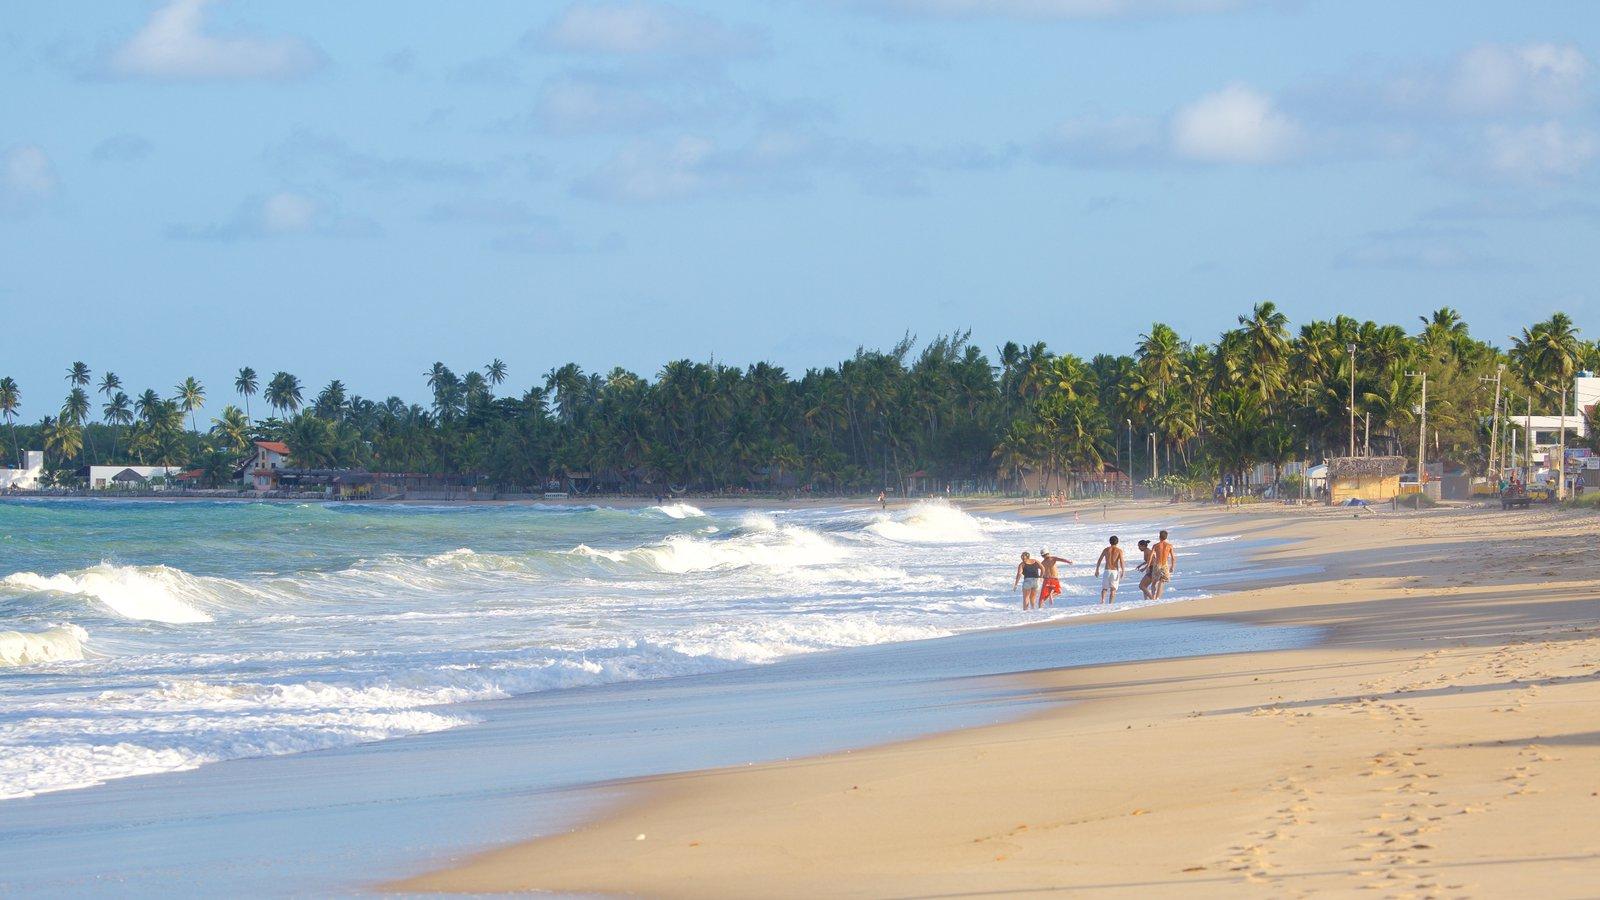 Praia de Maracaípe que inclui cenas tropicais, surfe e paisagens litorâneas